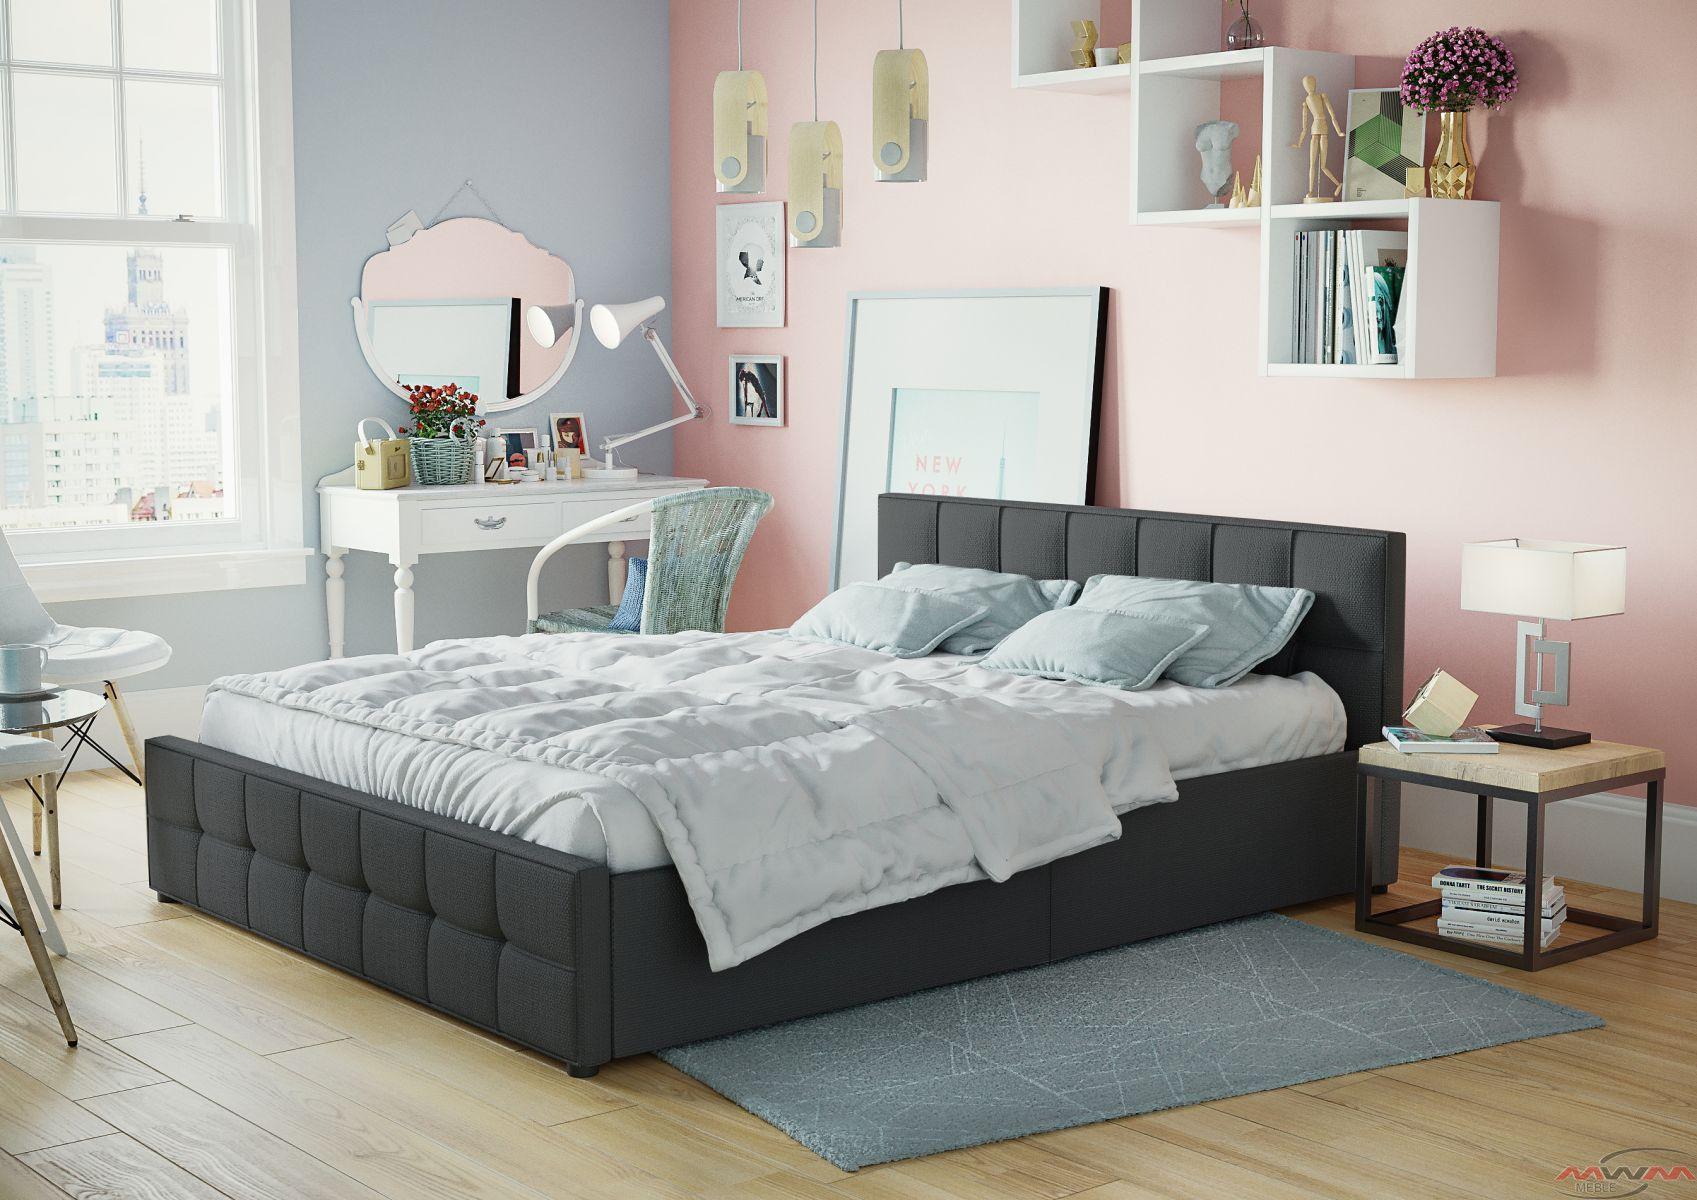 łóżko Tapicerowane Do Sypialni 160x200 Sfg004 Czarne